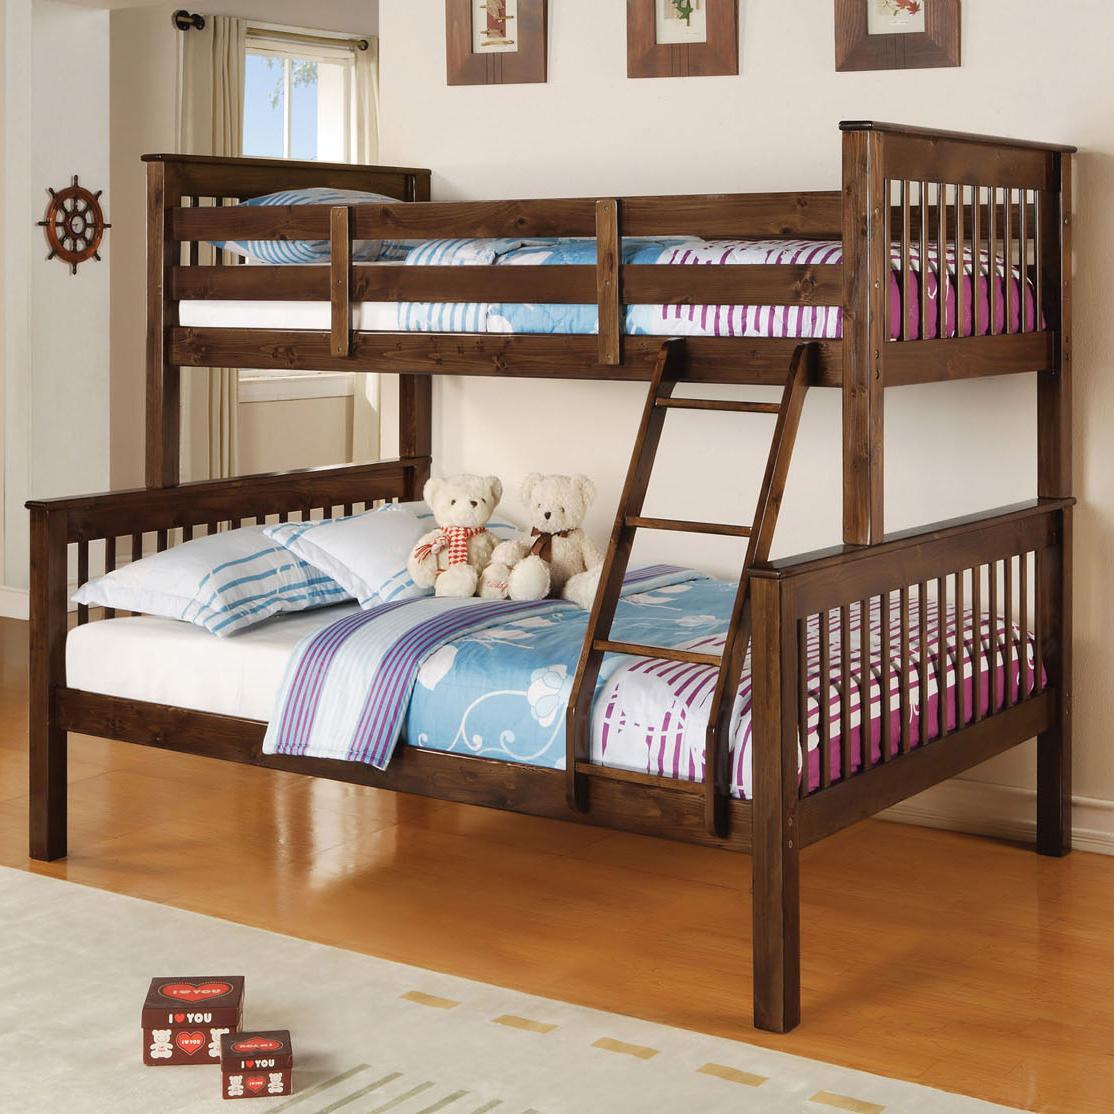 Acme Furniture Haley Bunkbed - Item Number: 02417